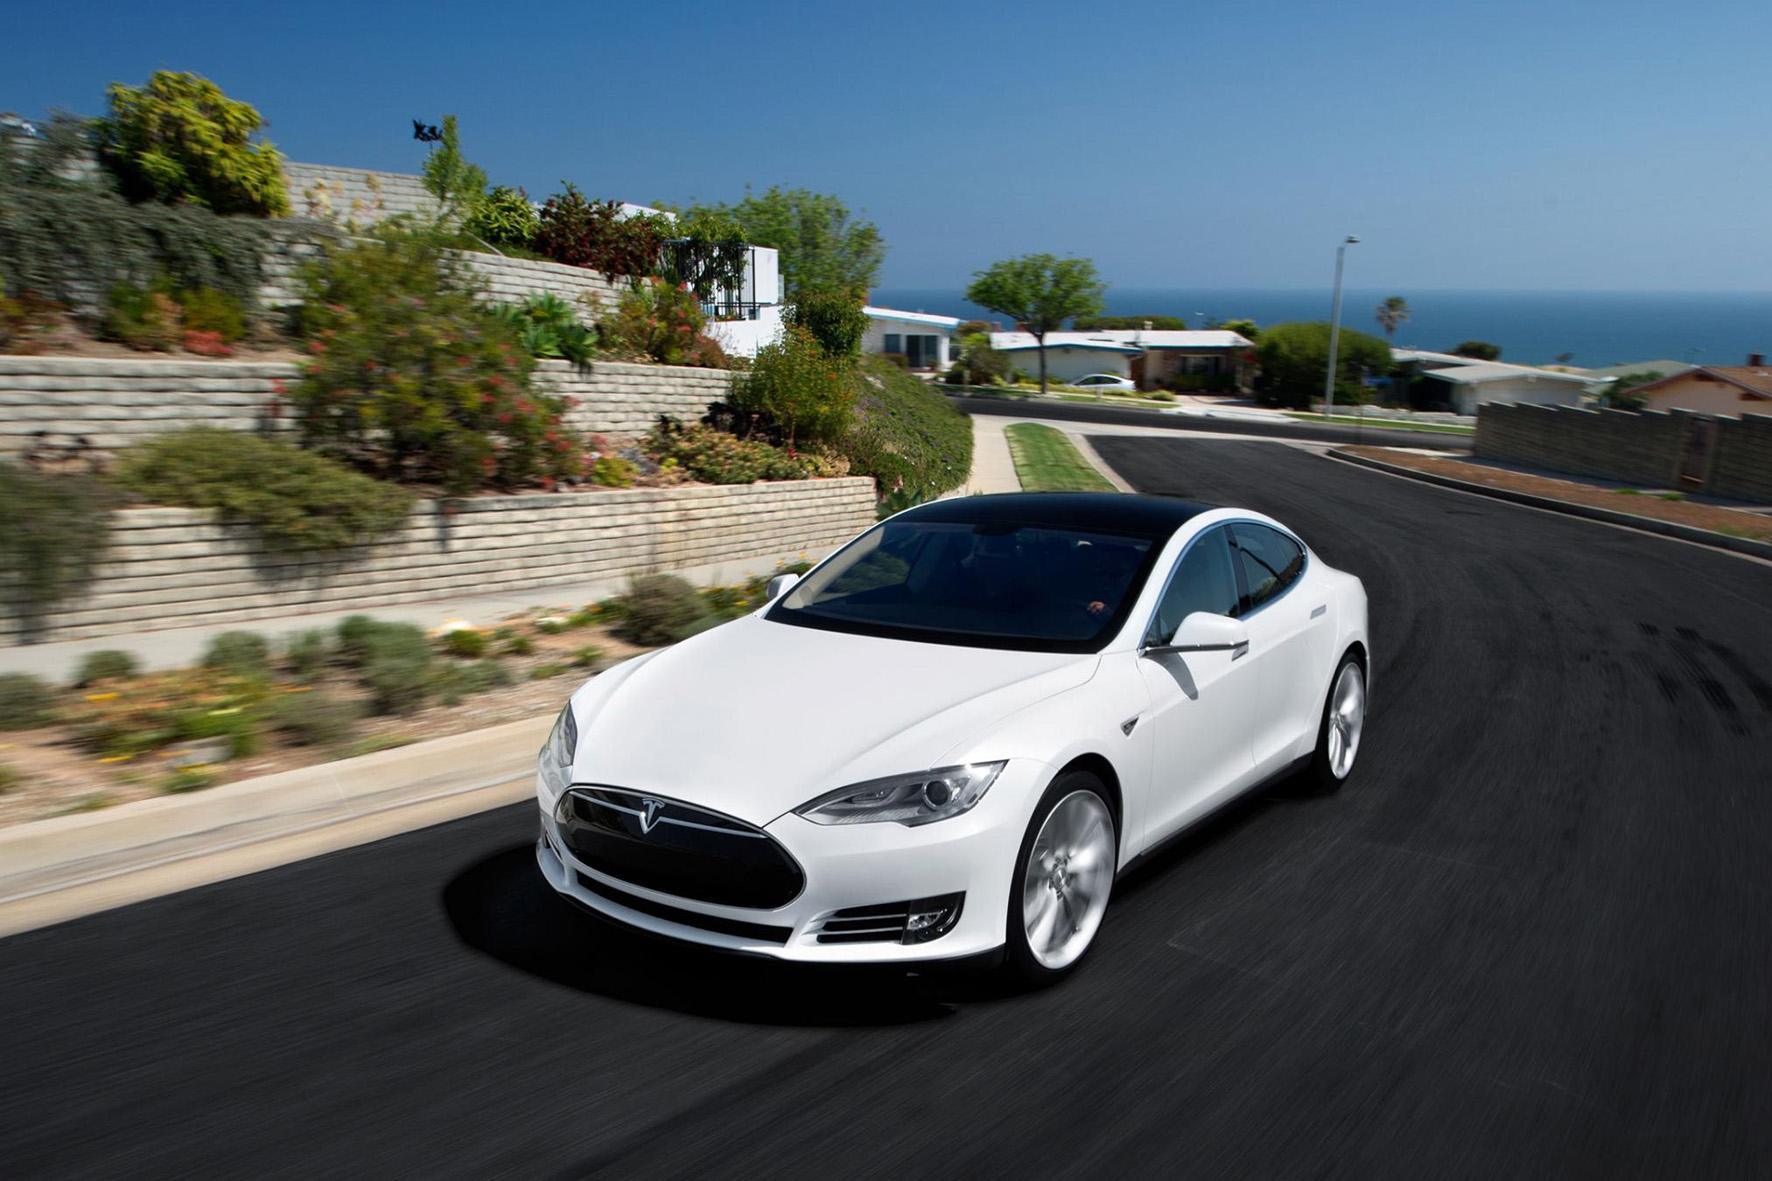 Warum lautlose Elektroautos gefährlich sind